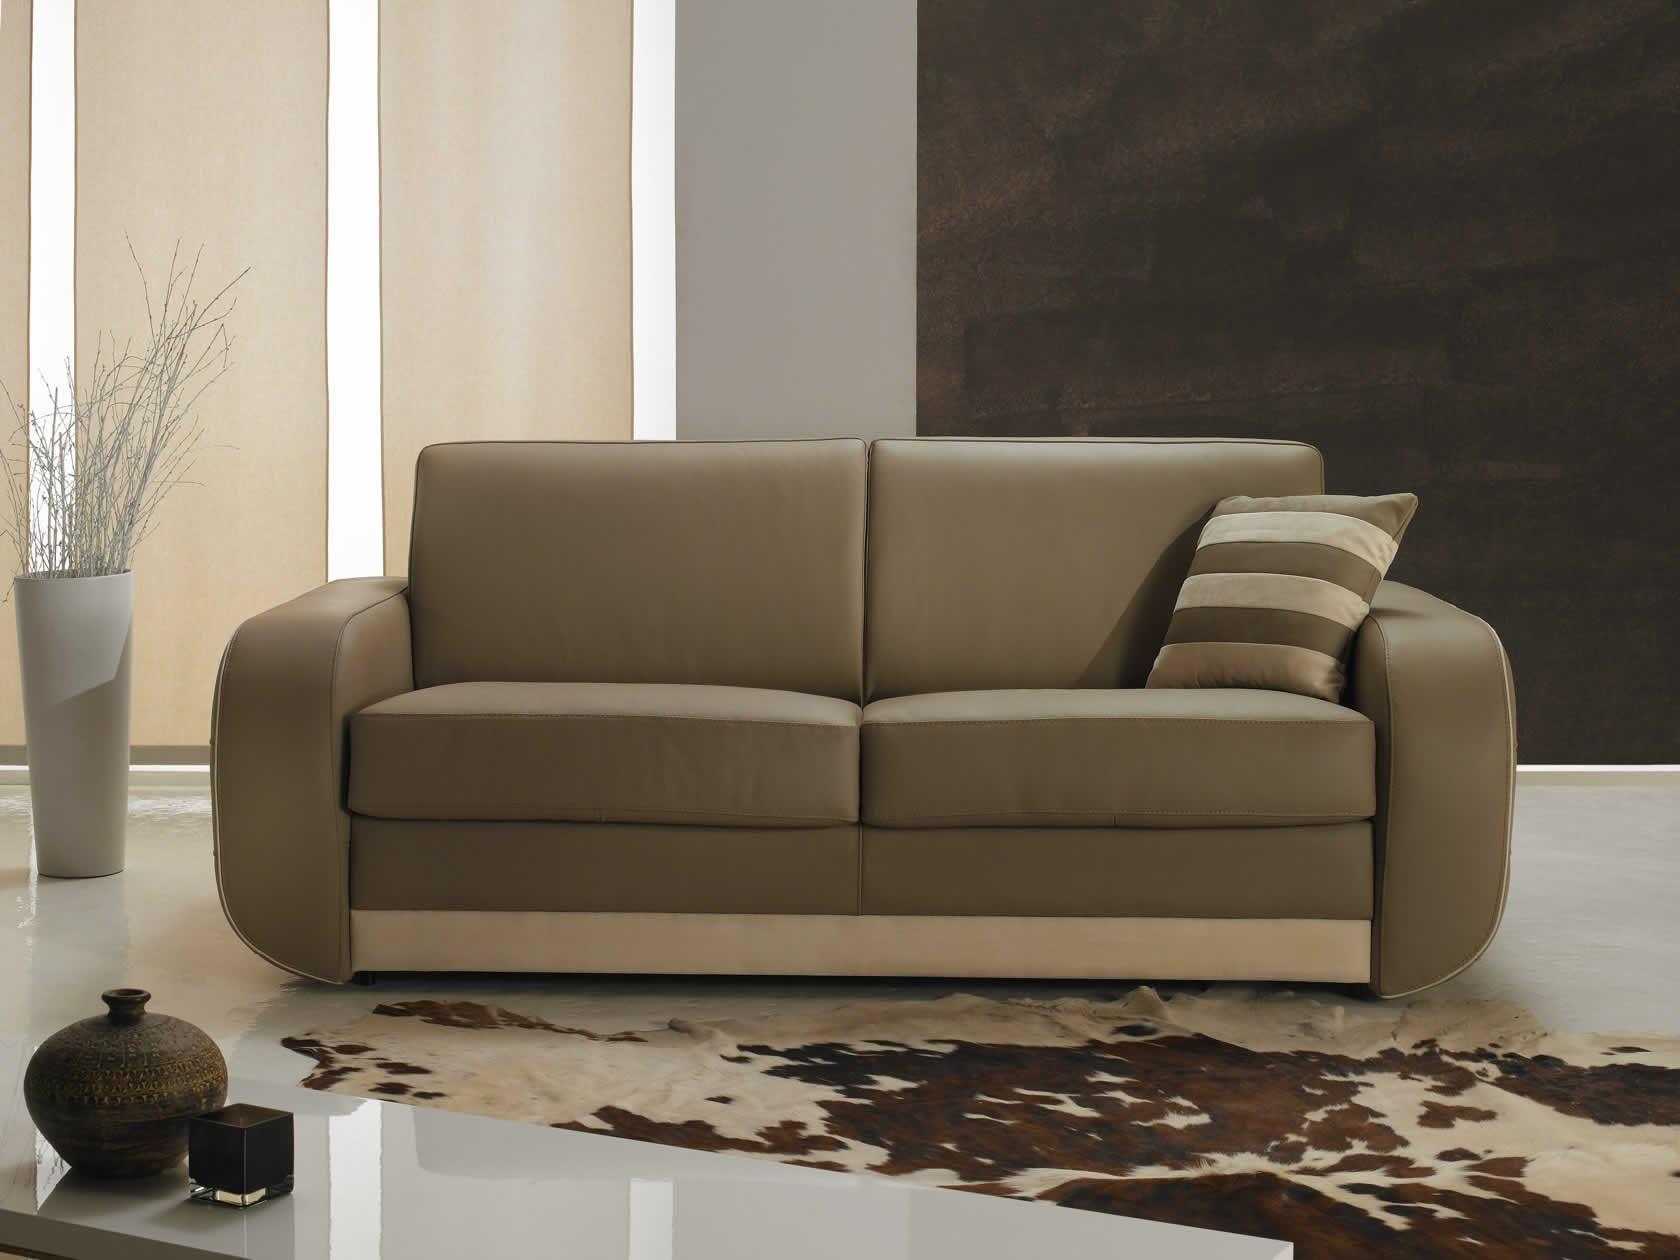 Sofa Bed - Island - Very Sofa - Contemporary / Leather / Fabric encequiconcerne Verysofa